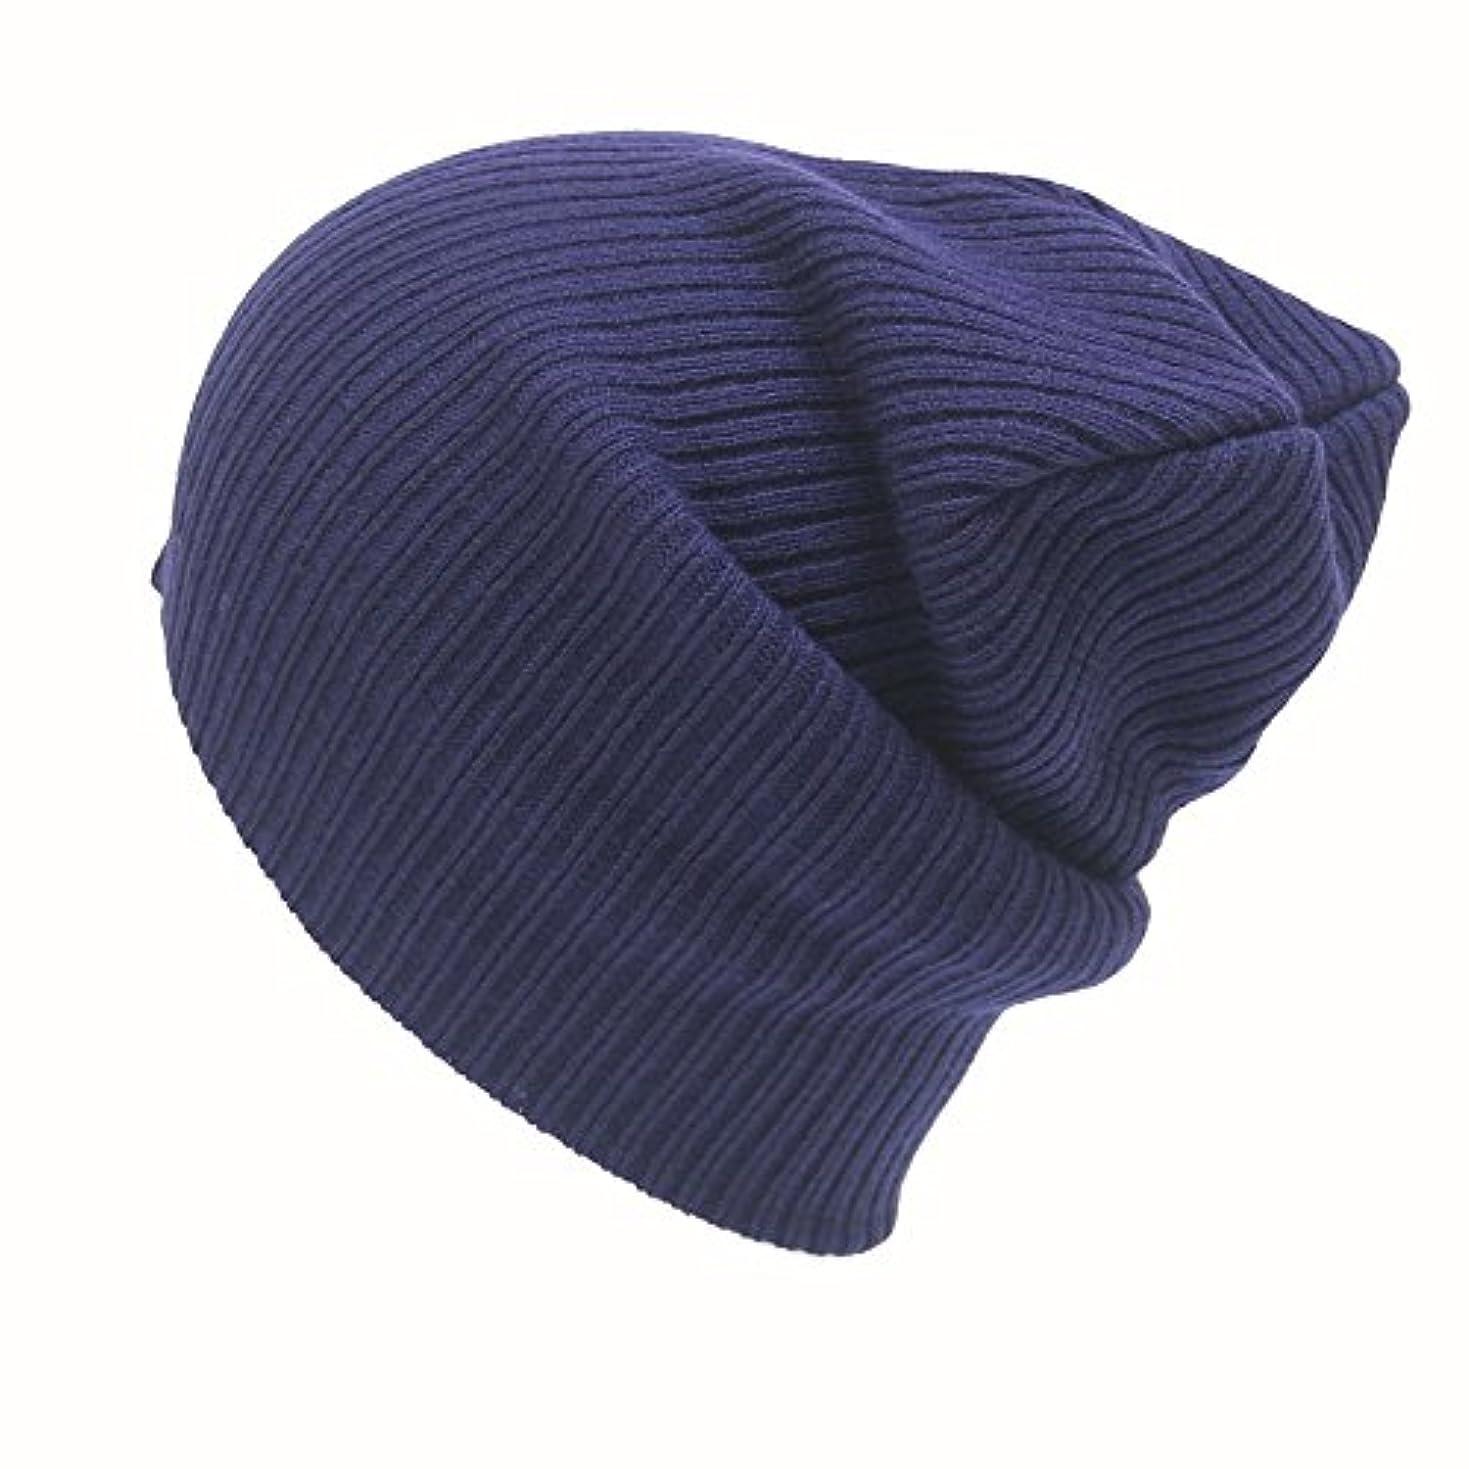 ペック思い出訴えるRacazing 選べる7色 ニット帽 編み物 ストライプ ニット帽 防寒対策 通気性のある 防風 暖かい 軽量 屋外 スキー 自転車 クリスマス Hat 男女兼用 (ネービー)